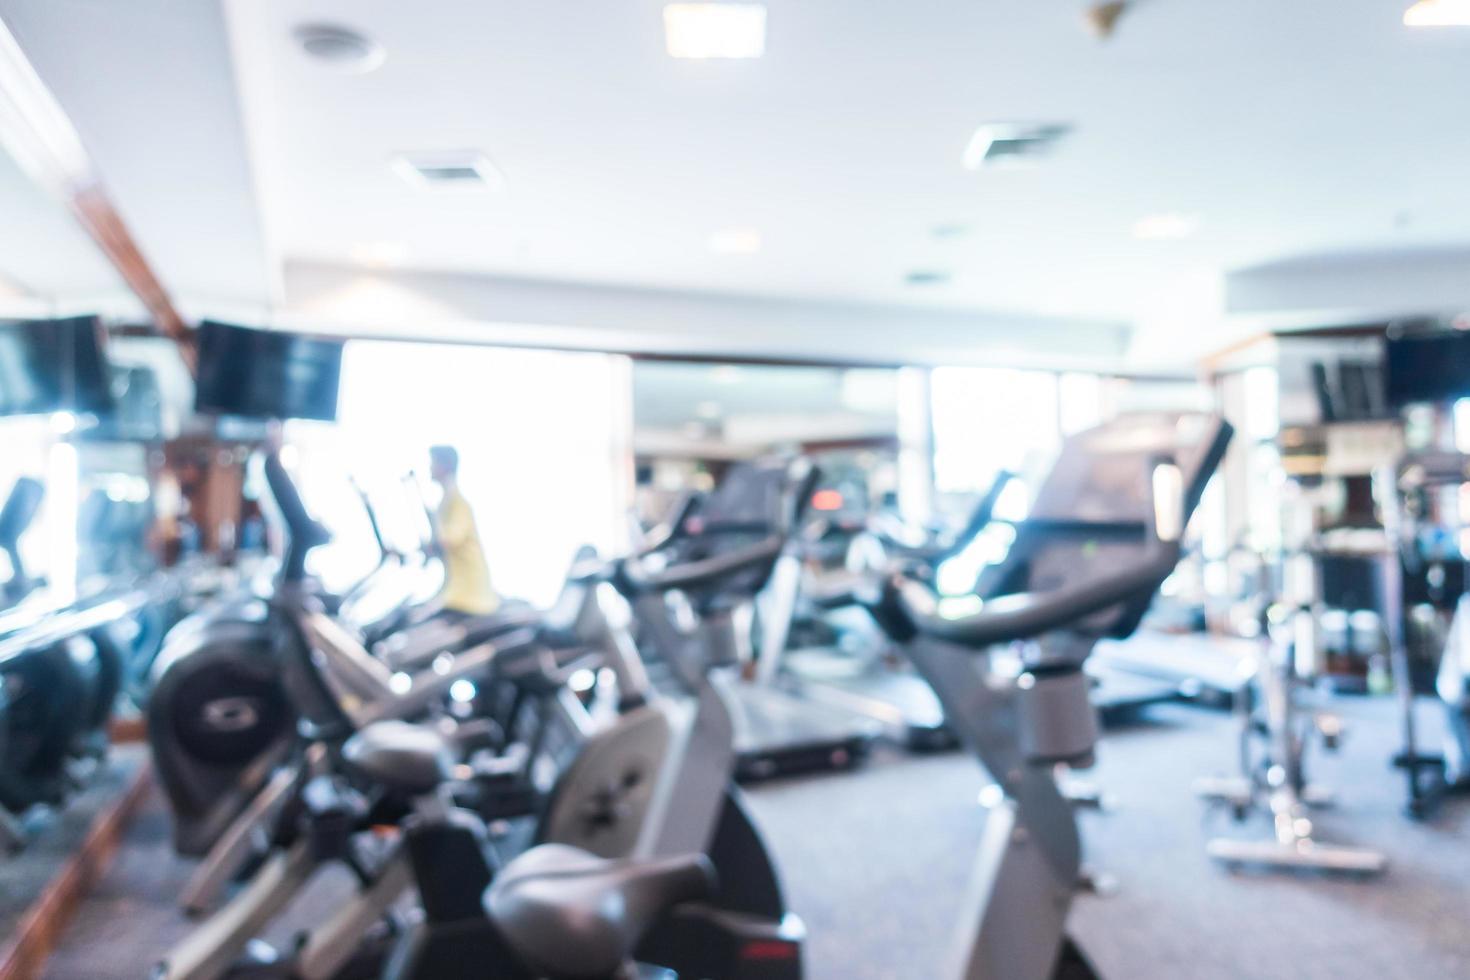 résumé, flou, gymnase, et, salle fitness photo